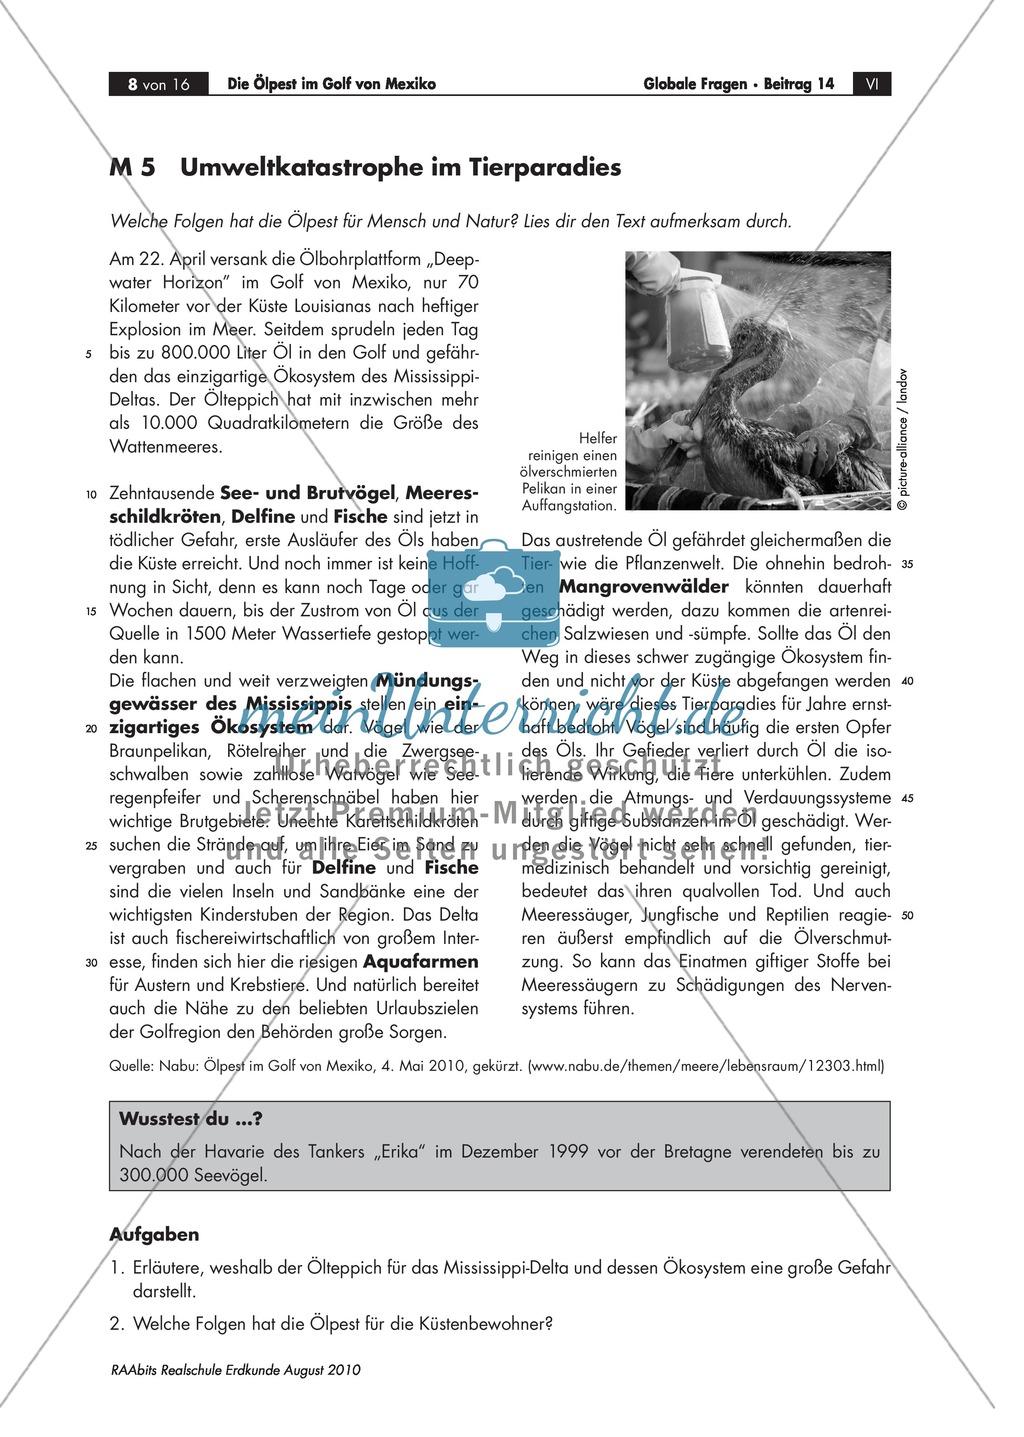 Umweltkatastrophe Ölpest - Folgen für Tiere und Ökosystem Preview 0